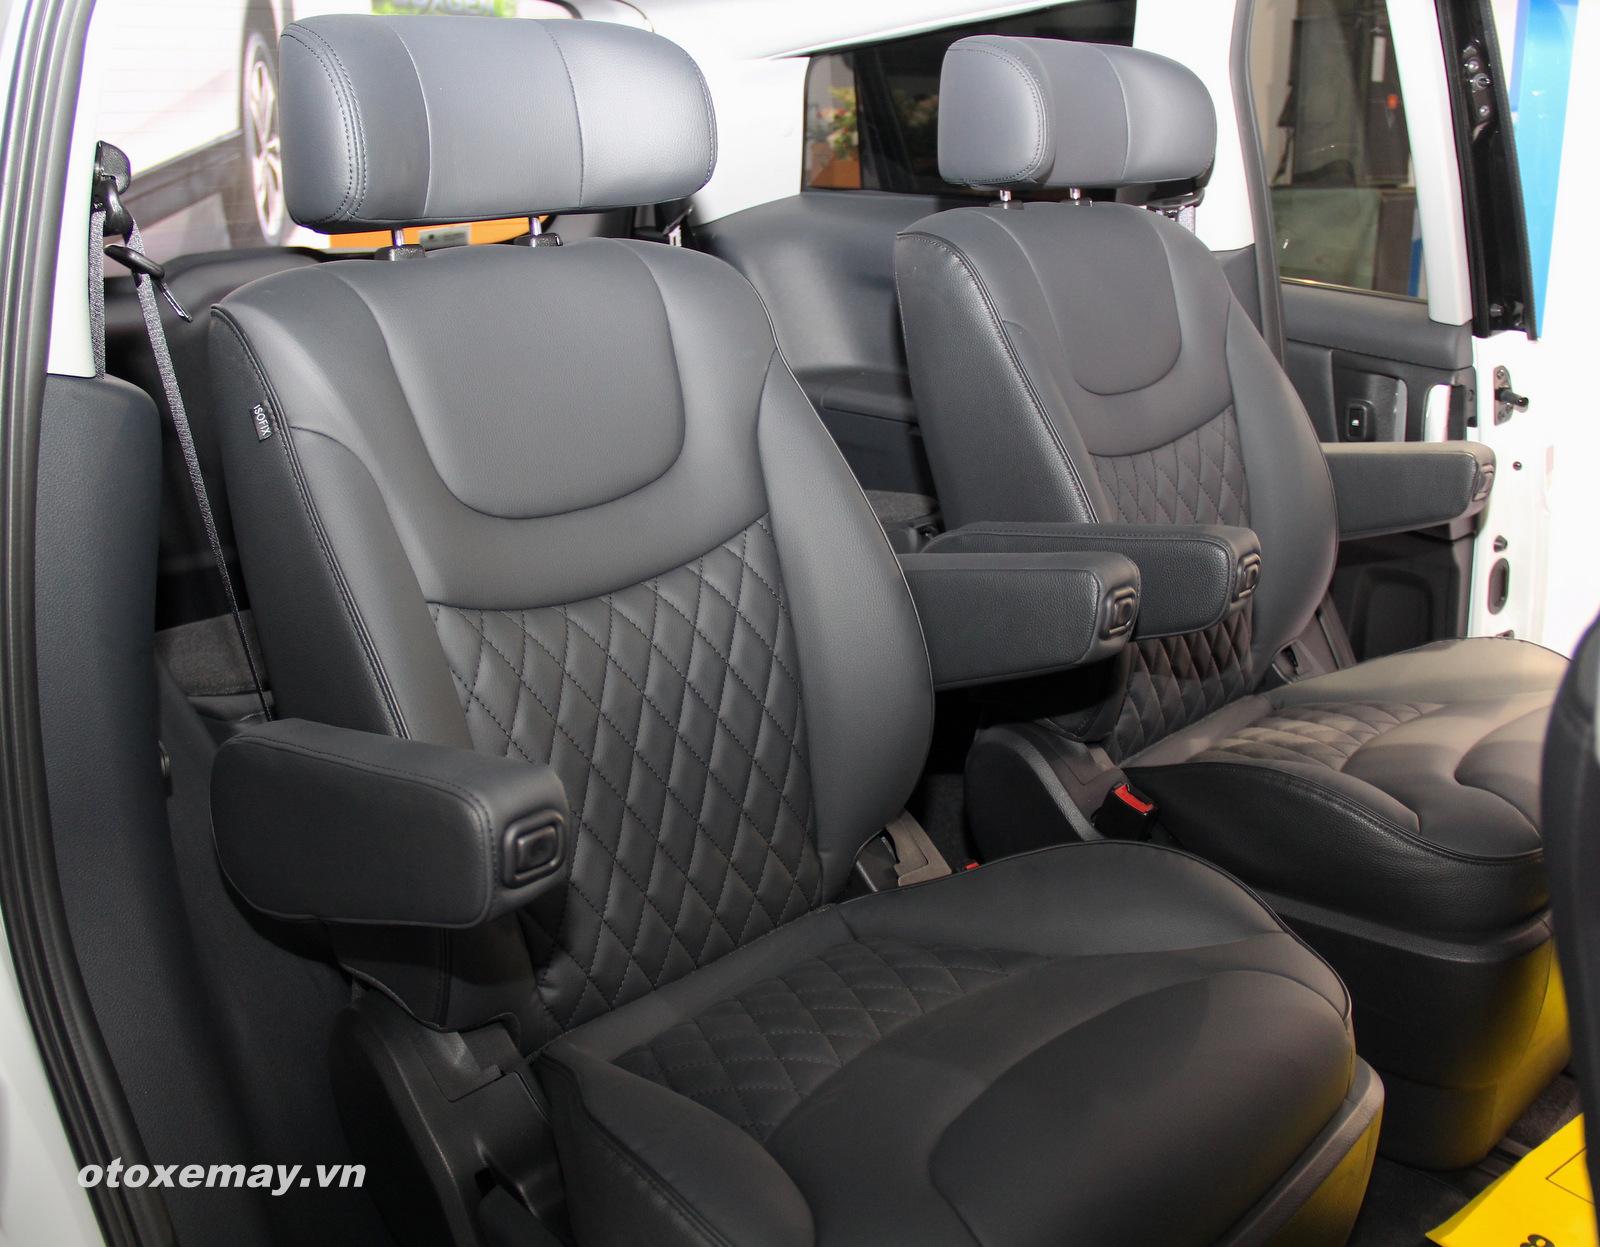 VIMS 2015: Công nghệ trên xe Luxgen của Đài Loan có gì - ảnh 9